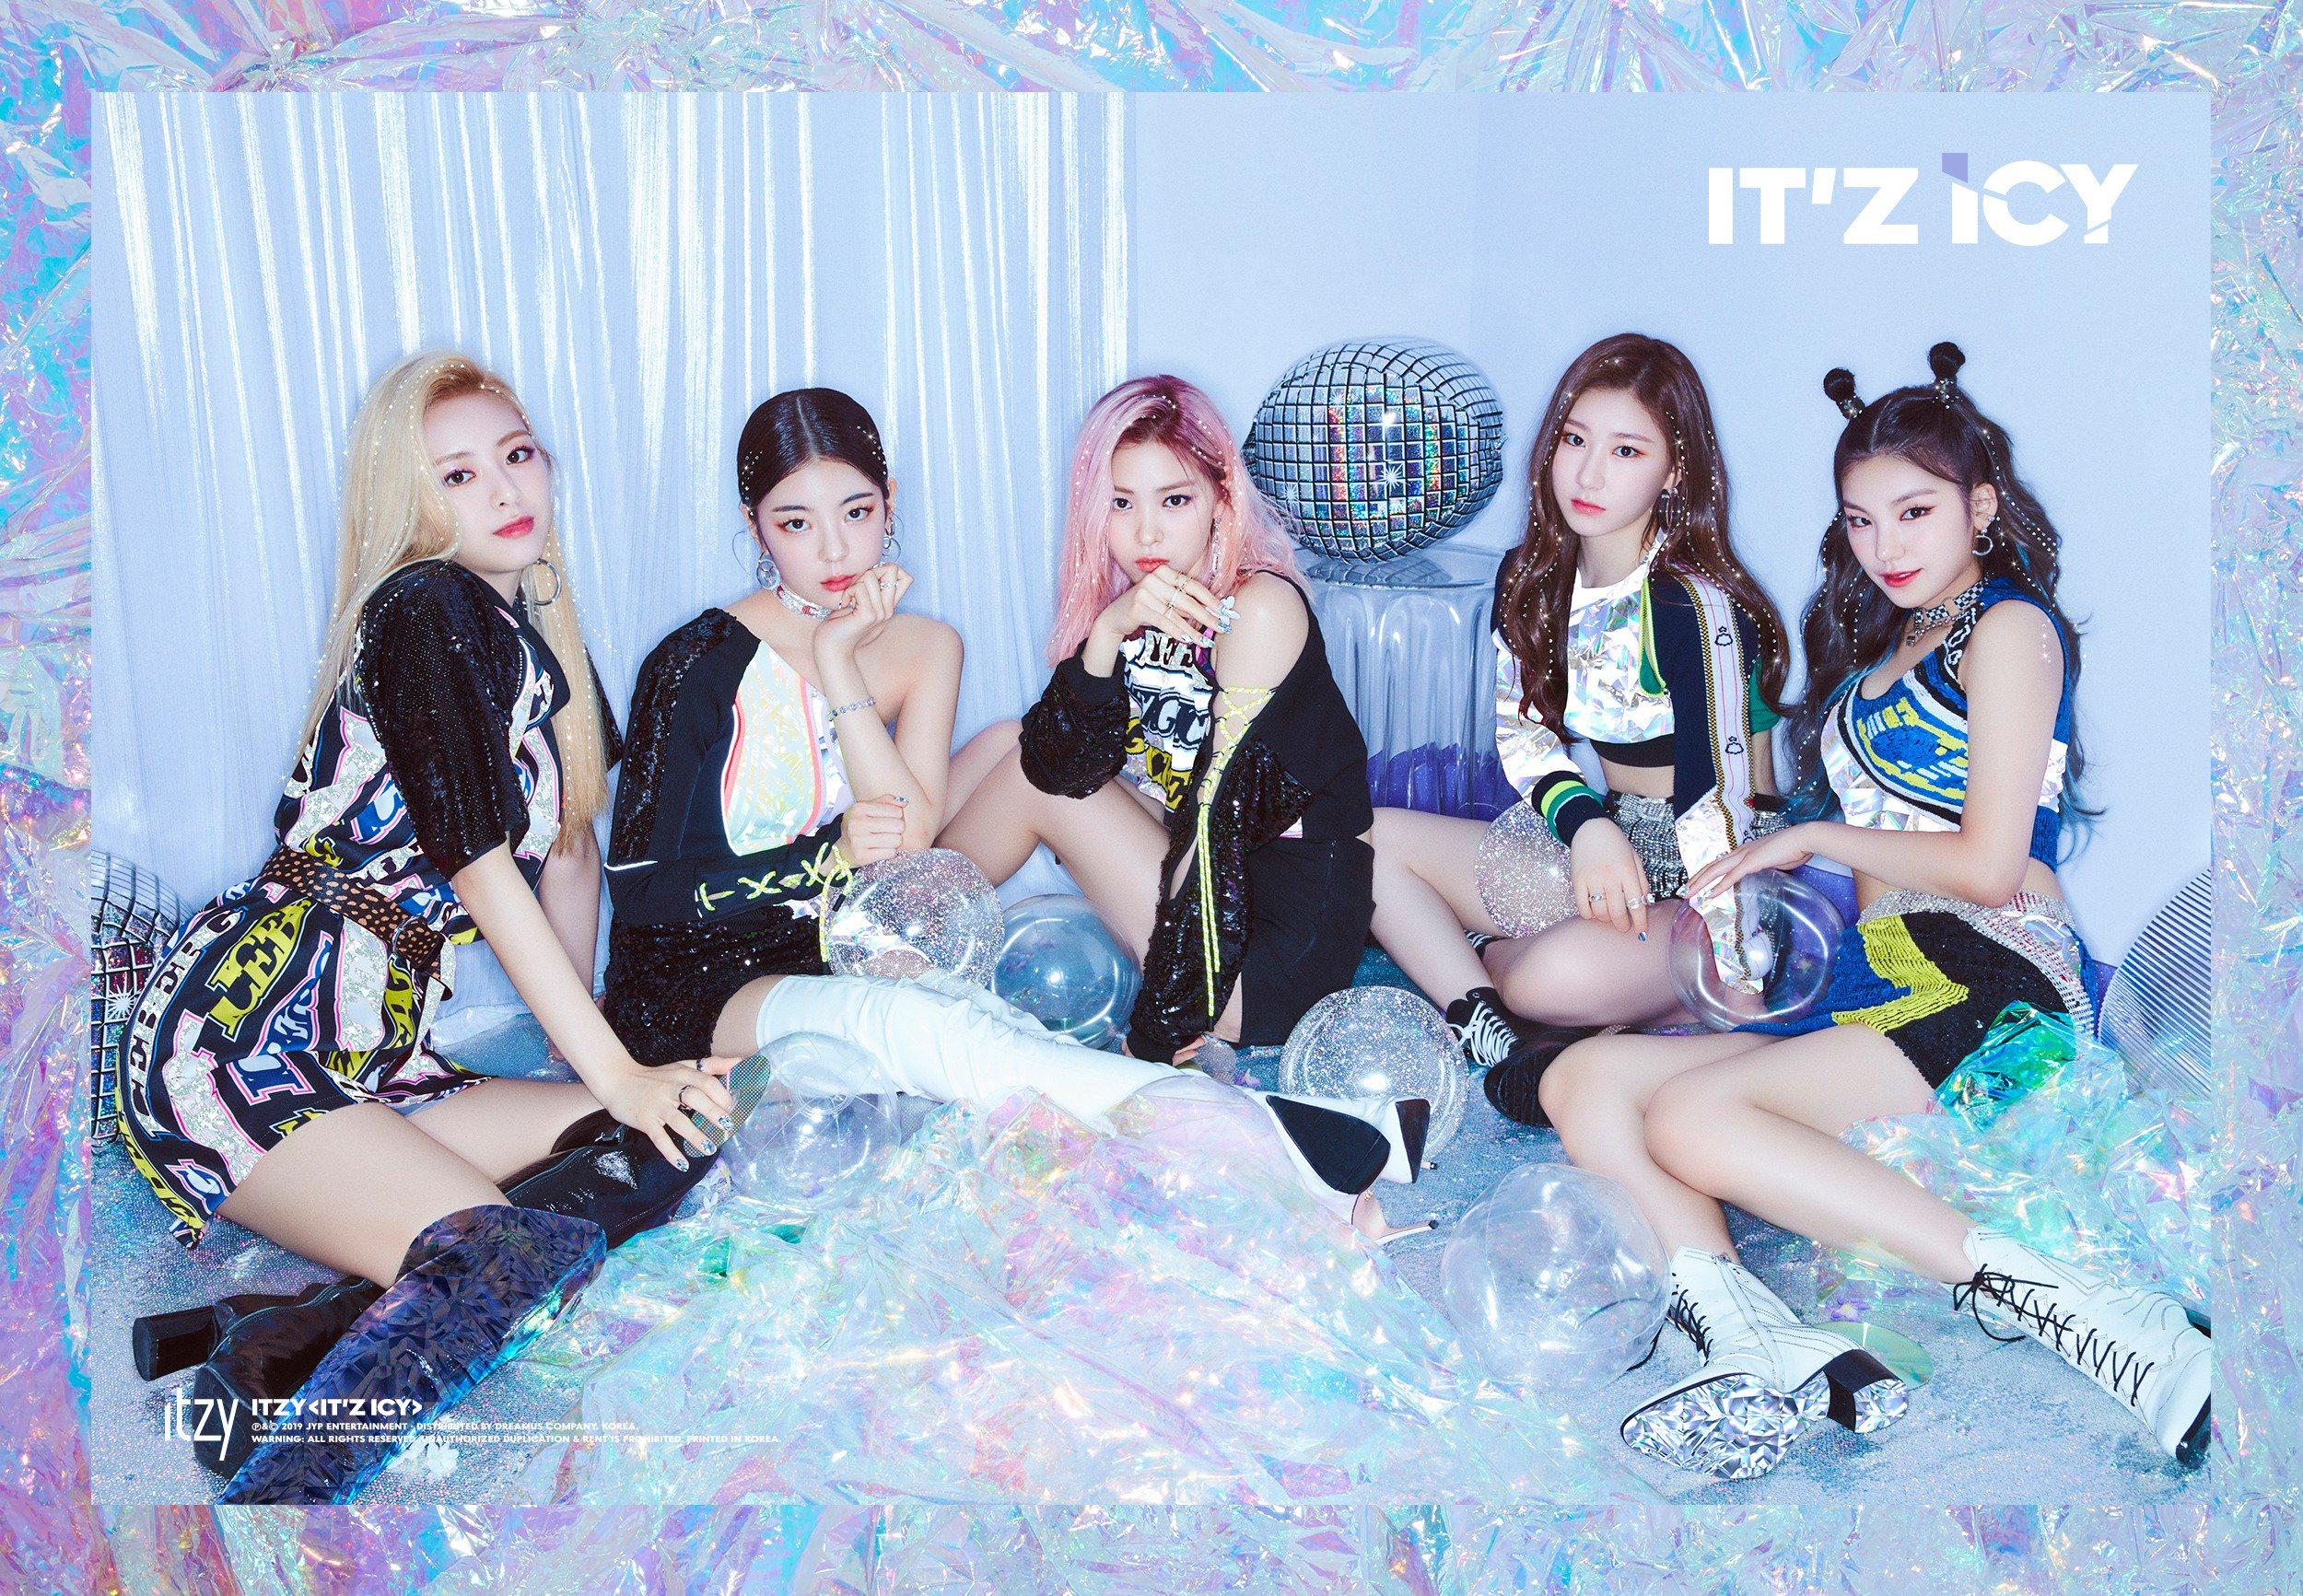 super-berbakat-member-itzy-sudah-famous-sebelum-debut-salam-korea